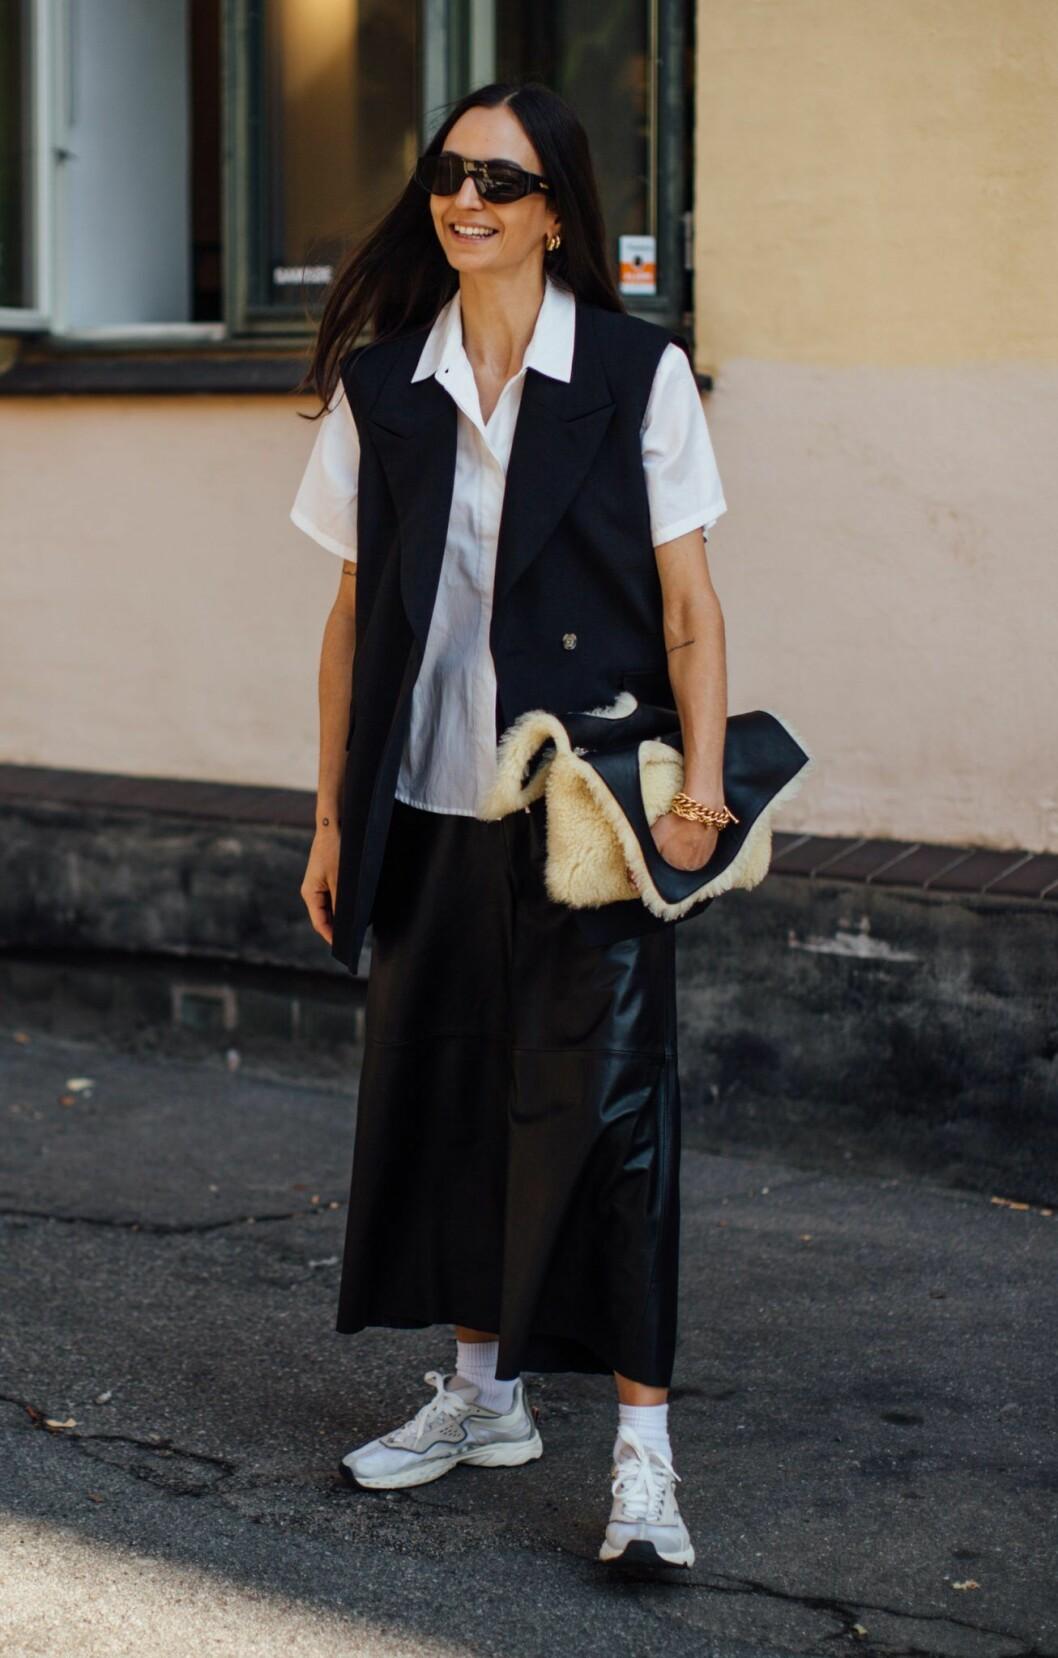 Streetstyleinspiration från årets modevecka i Köpenhamn.